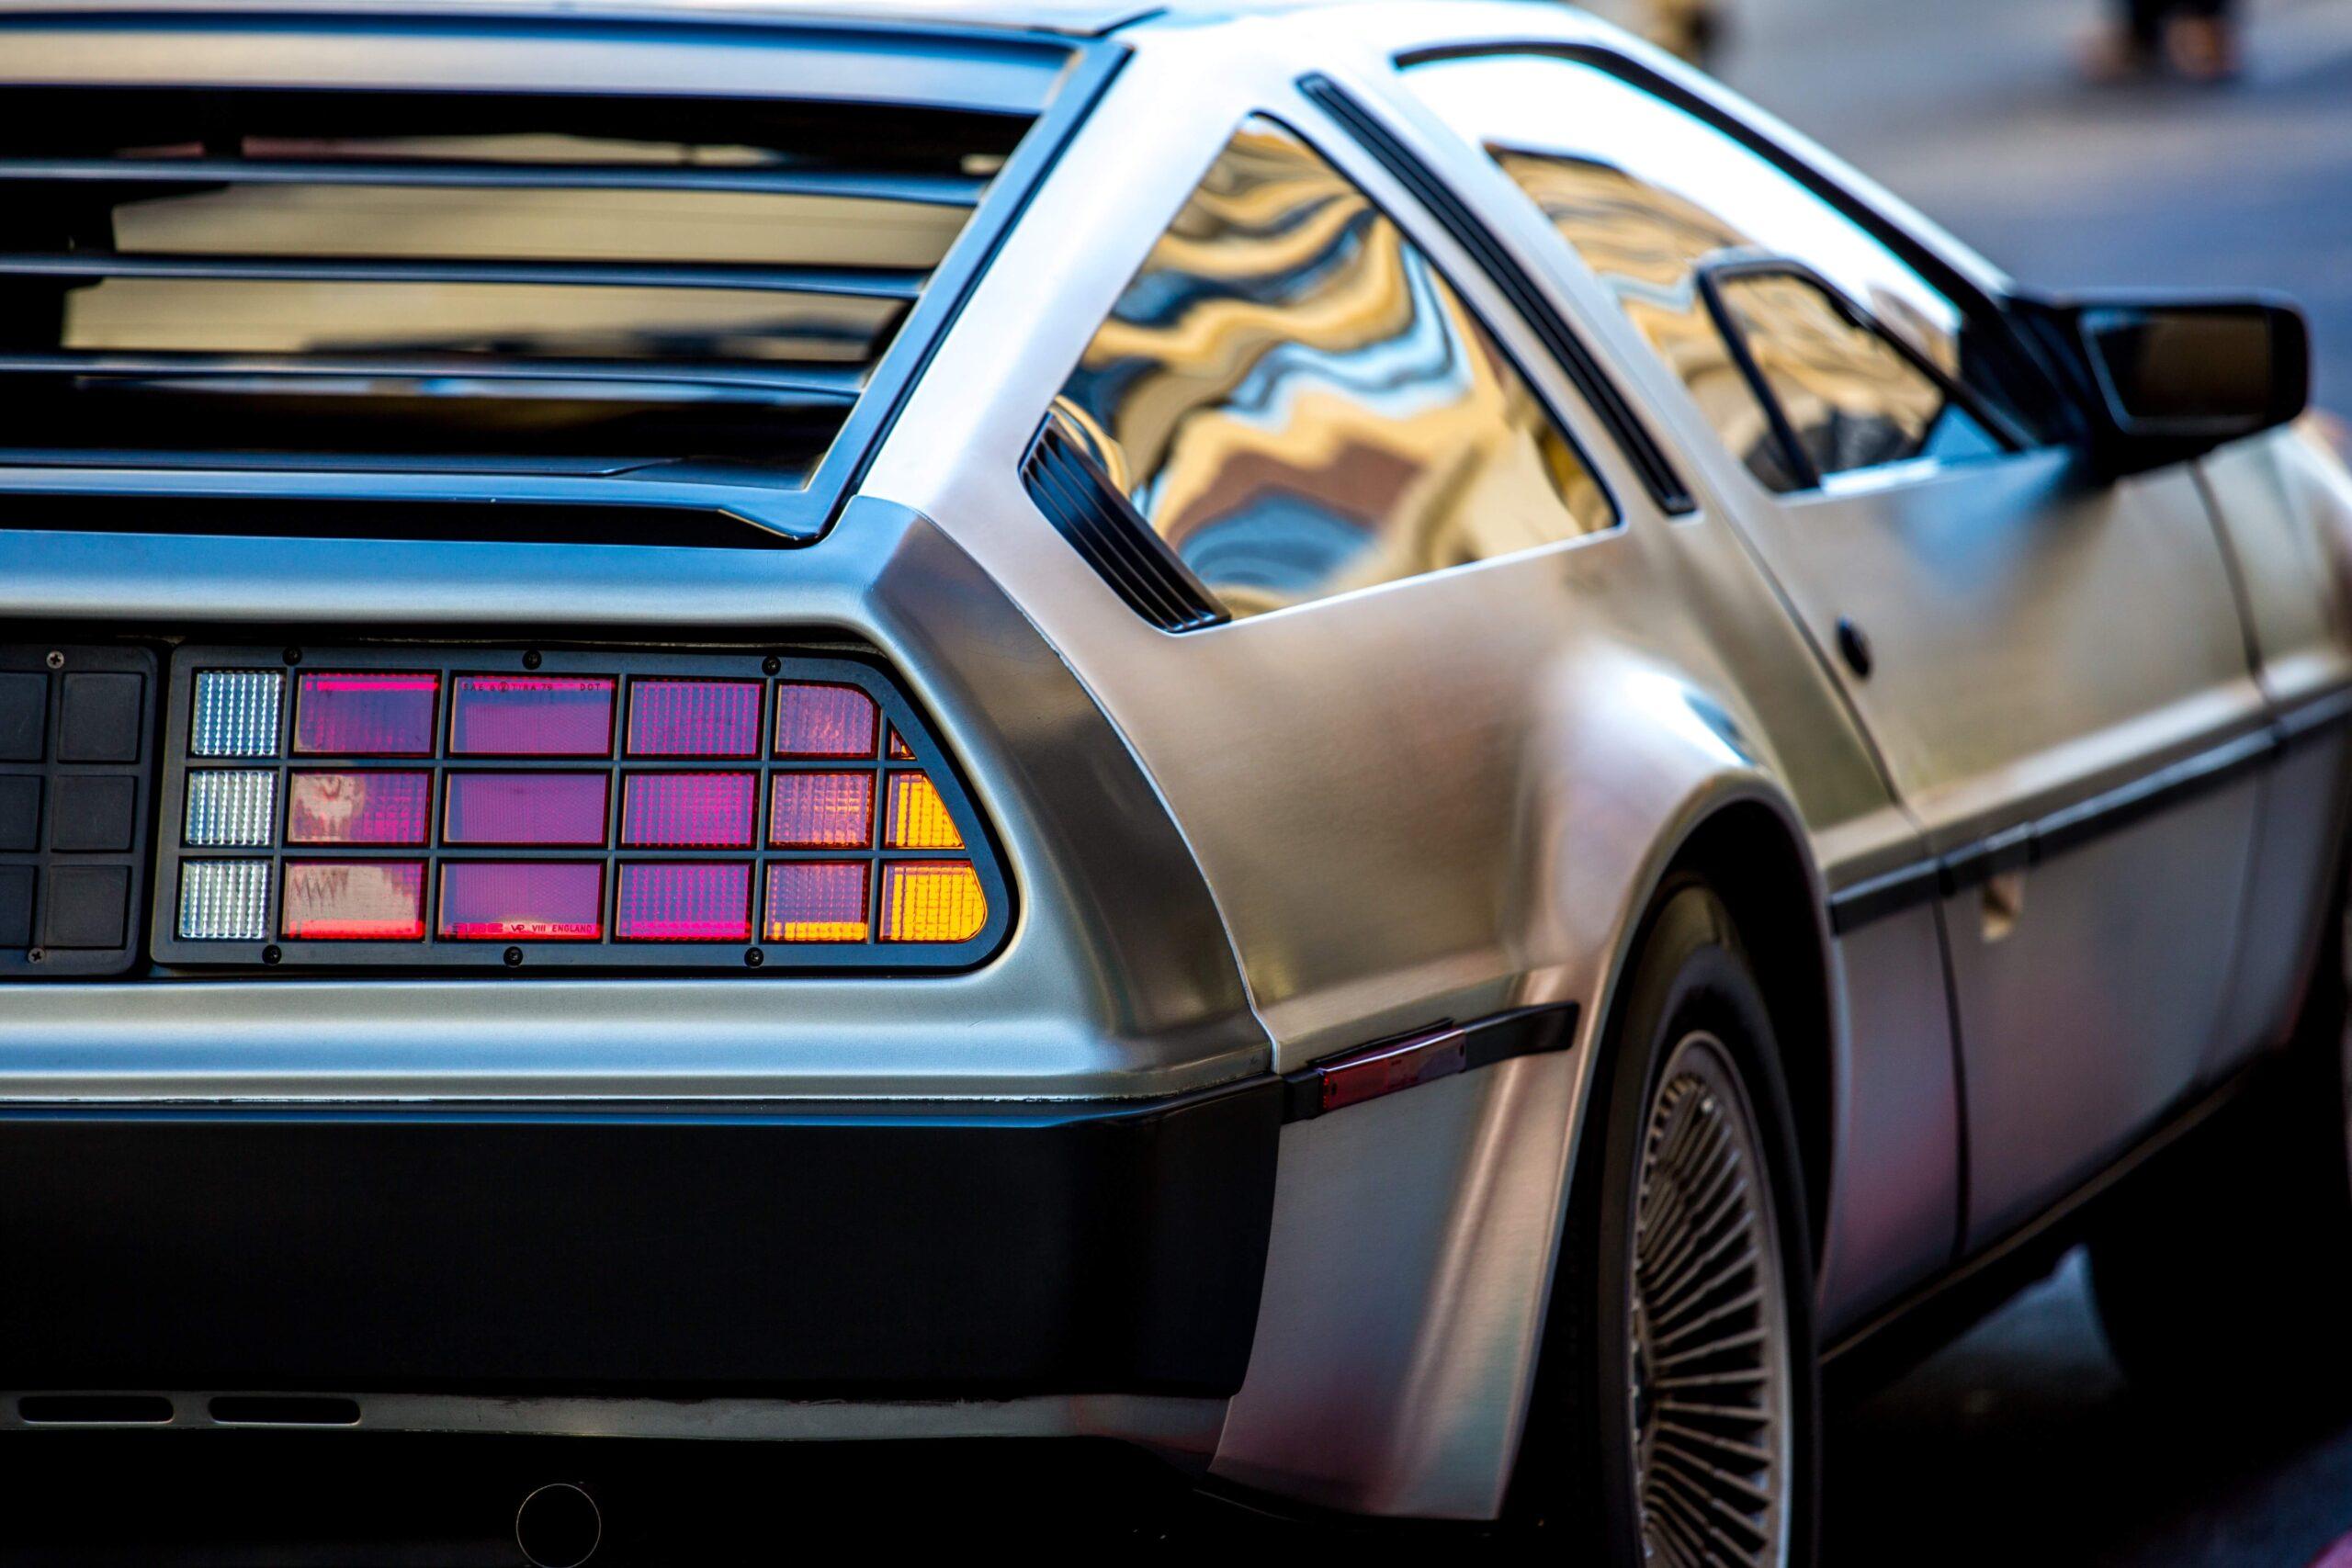 uno scatto della fiancata destra della DeLorean, il mezzo su cui il protagonista di Ritorno al Futuro Marty McFly viaggiava nel tempo